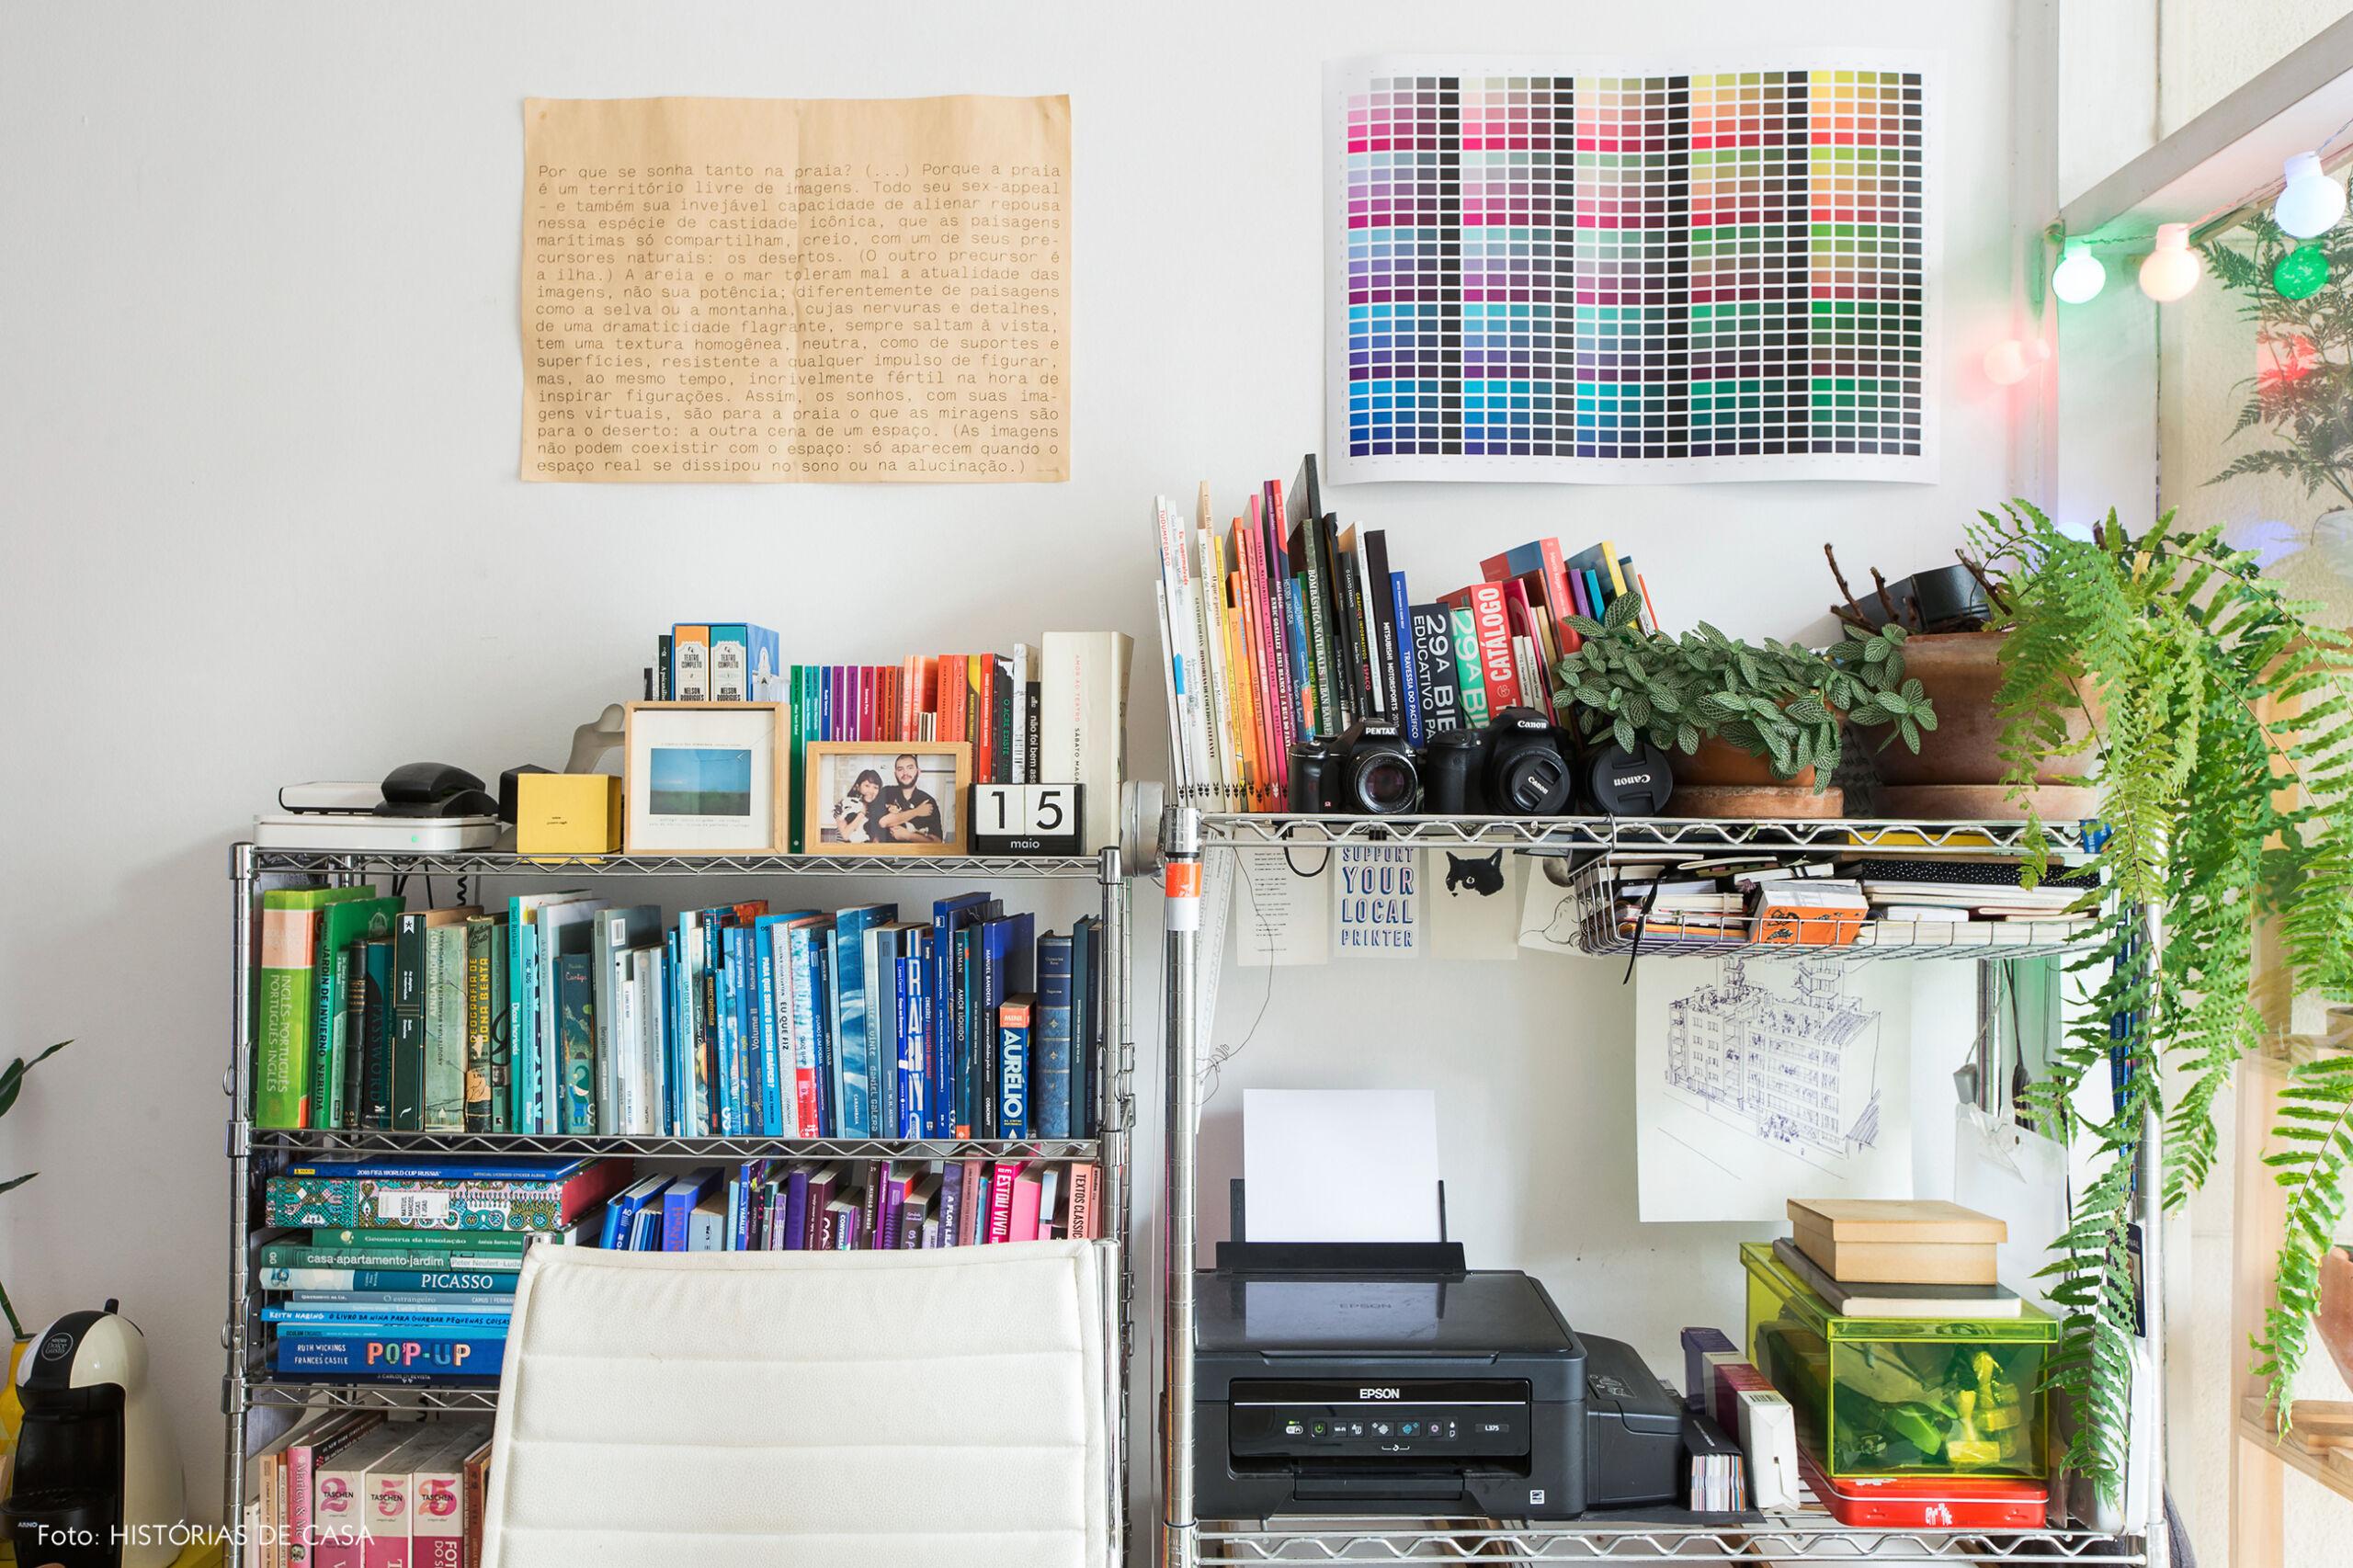 Escritório com estantes metálicas e livros organizados por cor